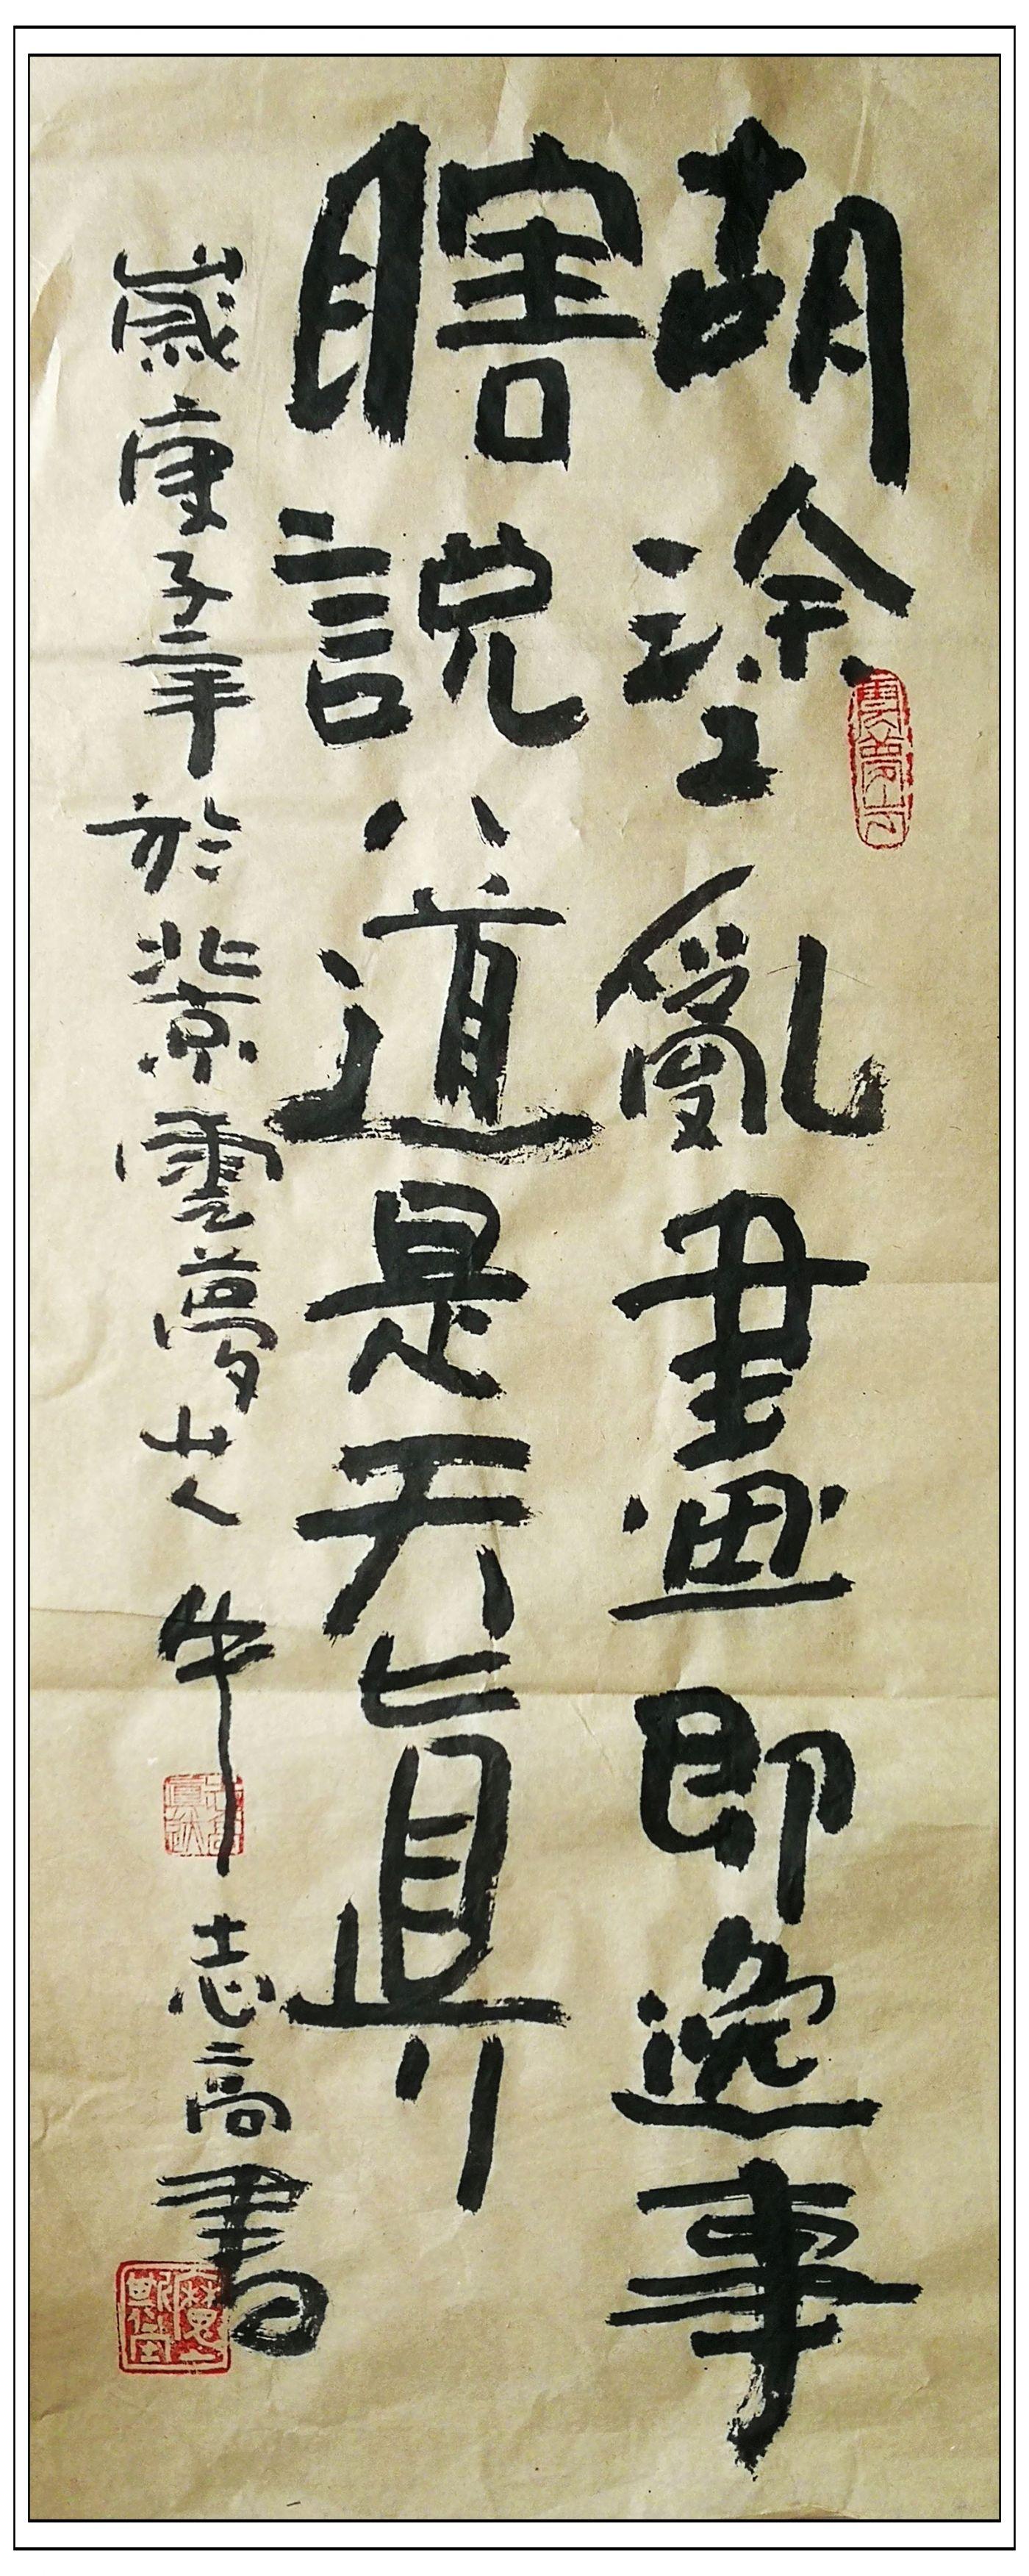 牛志高书法----2020.06.02_图1-2